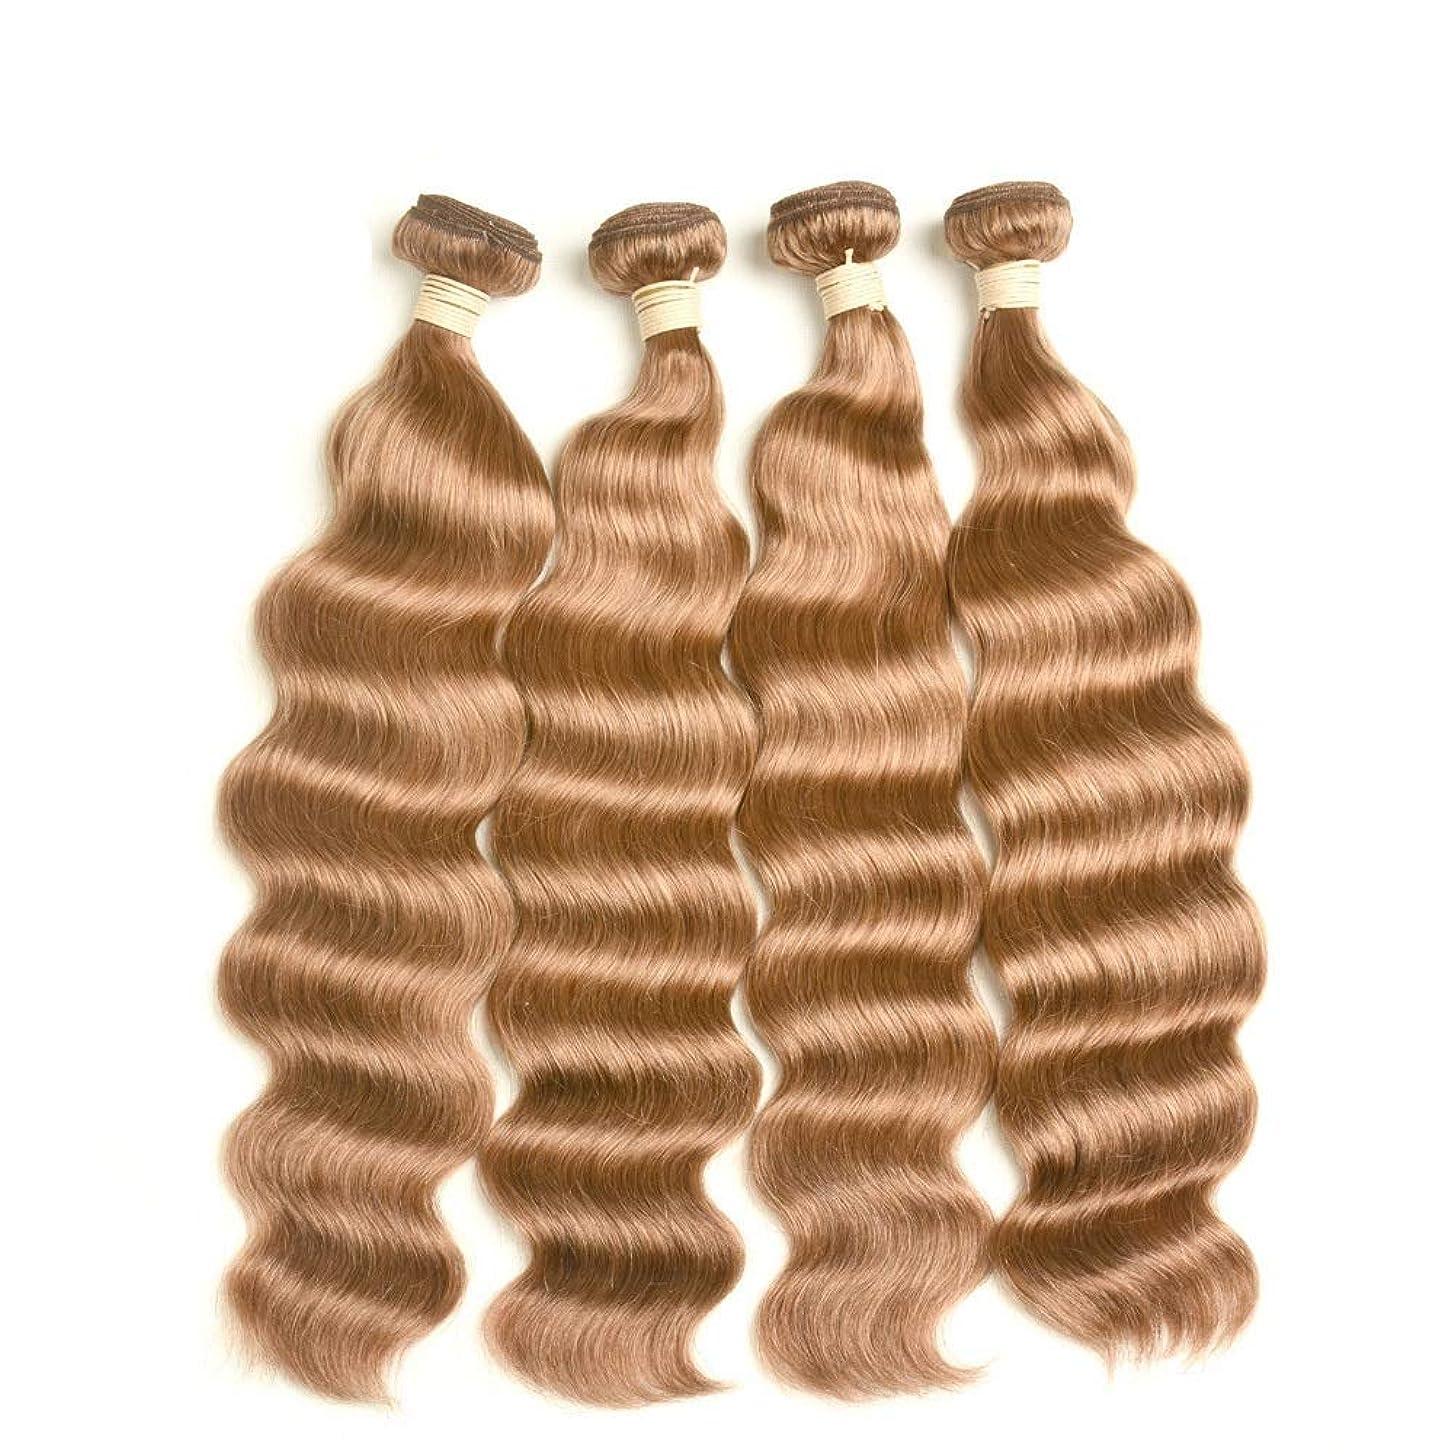 オーバードロー損傷豚肉BOBIDYEE ブラジルの髪の束自然オーシャンウェーブヘア1バンドル、本物の人間の髪の毛#30明るい茶色(1バンドル、10-28インチ、100g)女性用合成かつらレースかつらロールプレイングかつら (色 : ブラウン, サイズ : 20 inch)